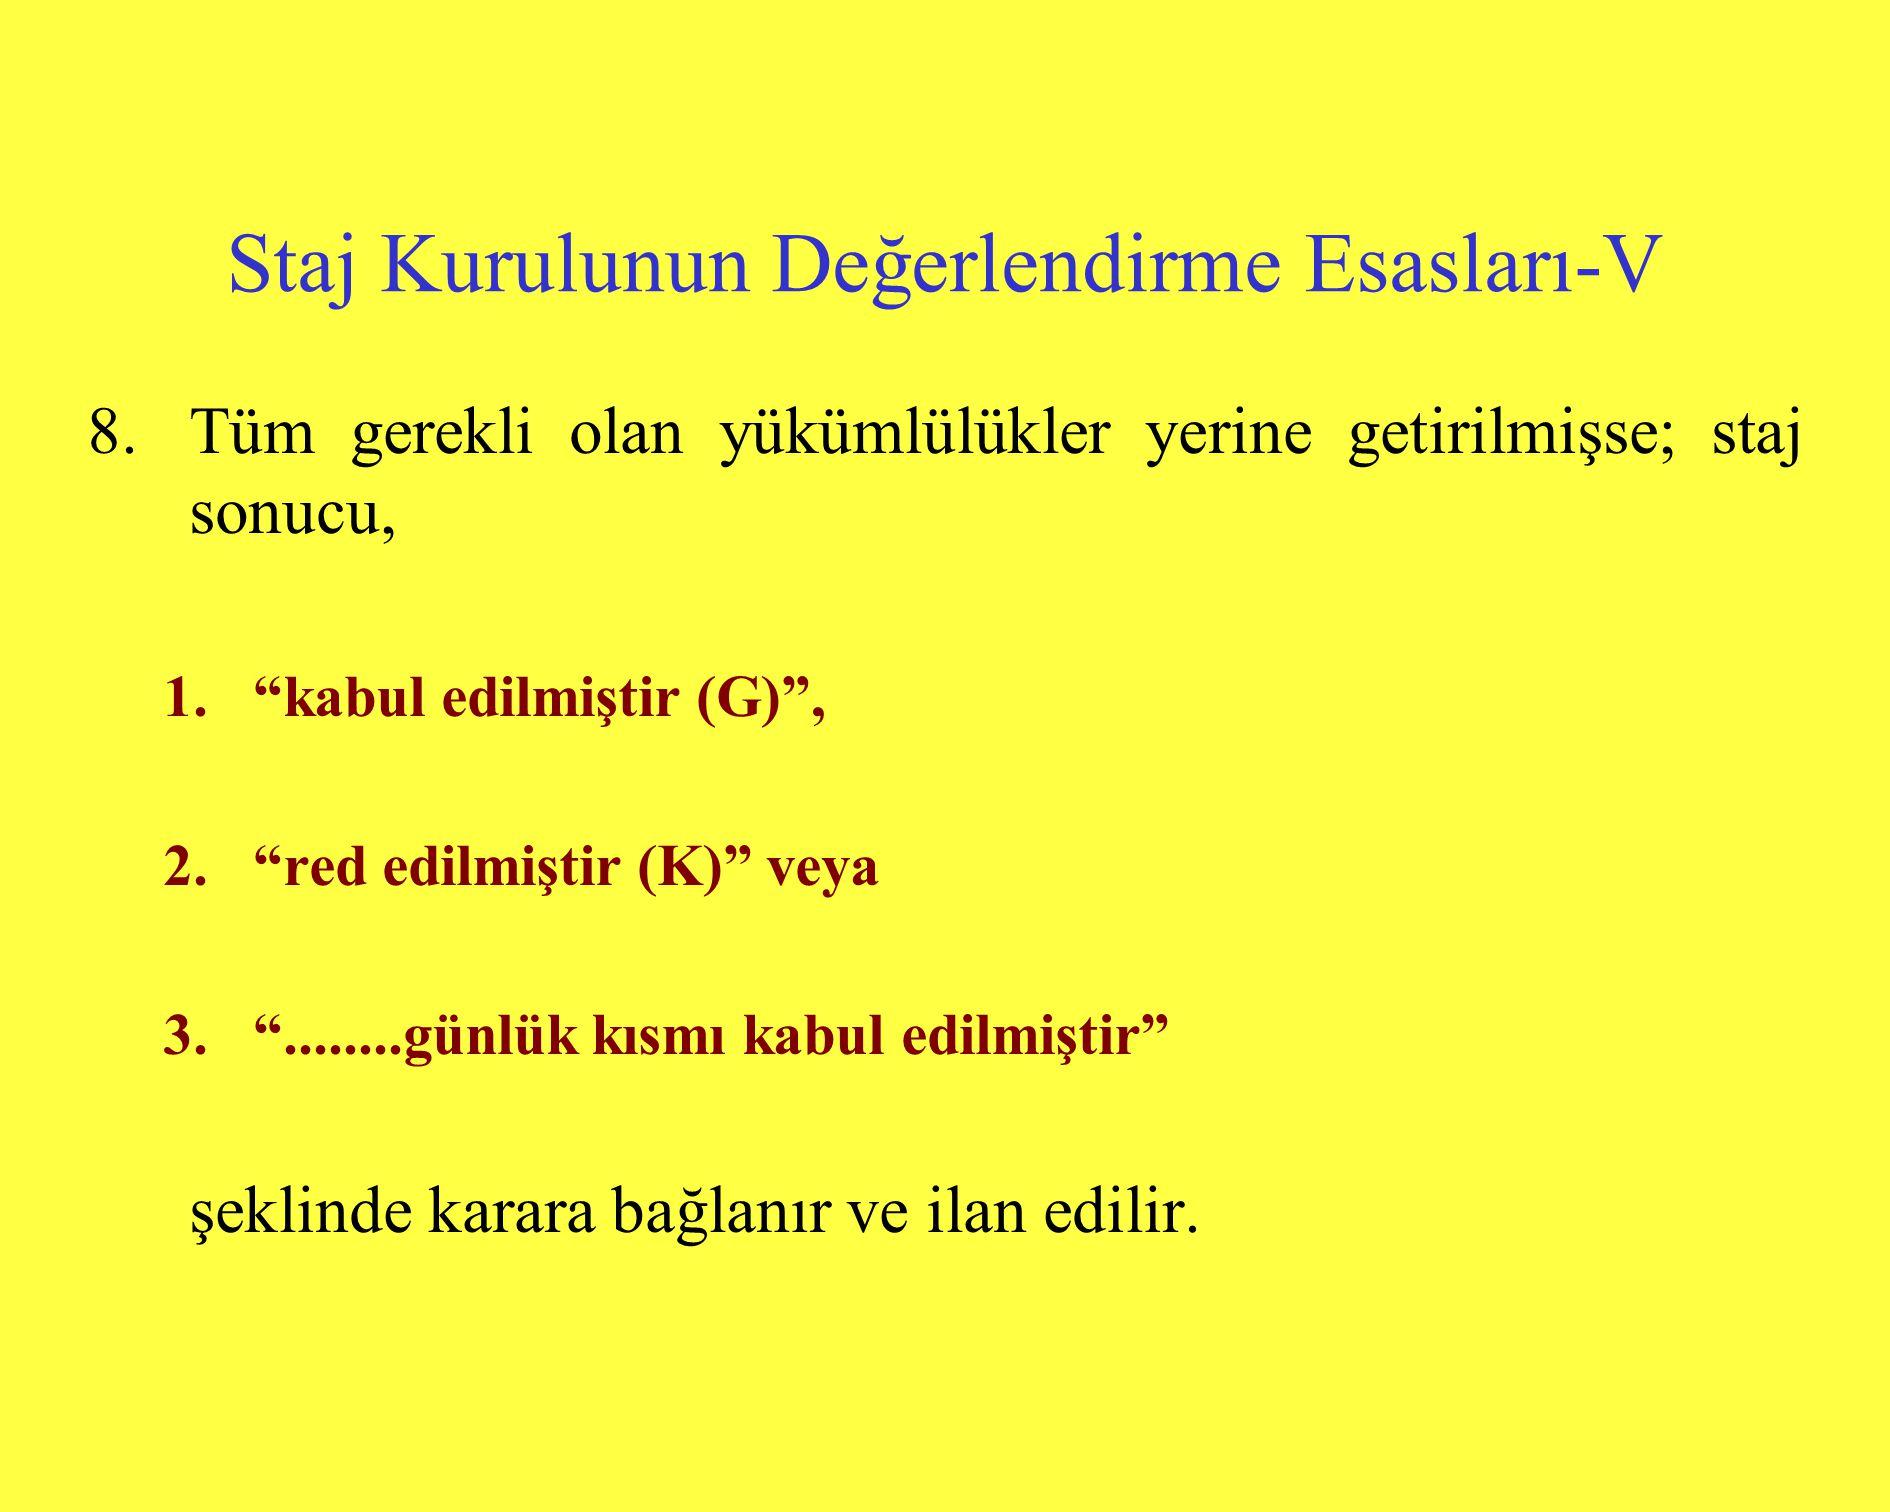 Staj Kurulunun Değerlendirme Esasları-V 8.Tüm gerekli olan yükümlülükler yerine getirilmişse; staj sonucu, 1. kabul edilmiştir (G) , 2. red edilmiştir (K) veya 3. ........günlük kısmı kabul edilmiştir şeklinde karara bağlanır ve ilan edilir.